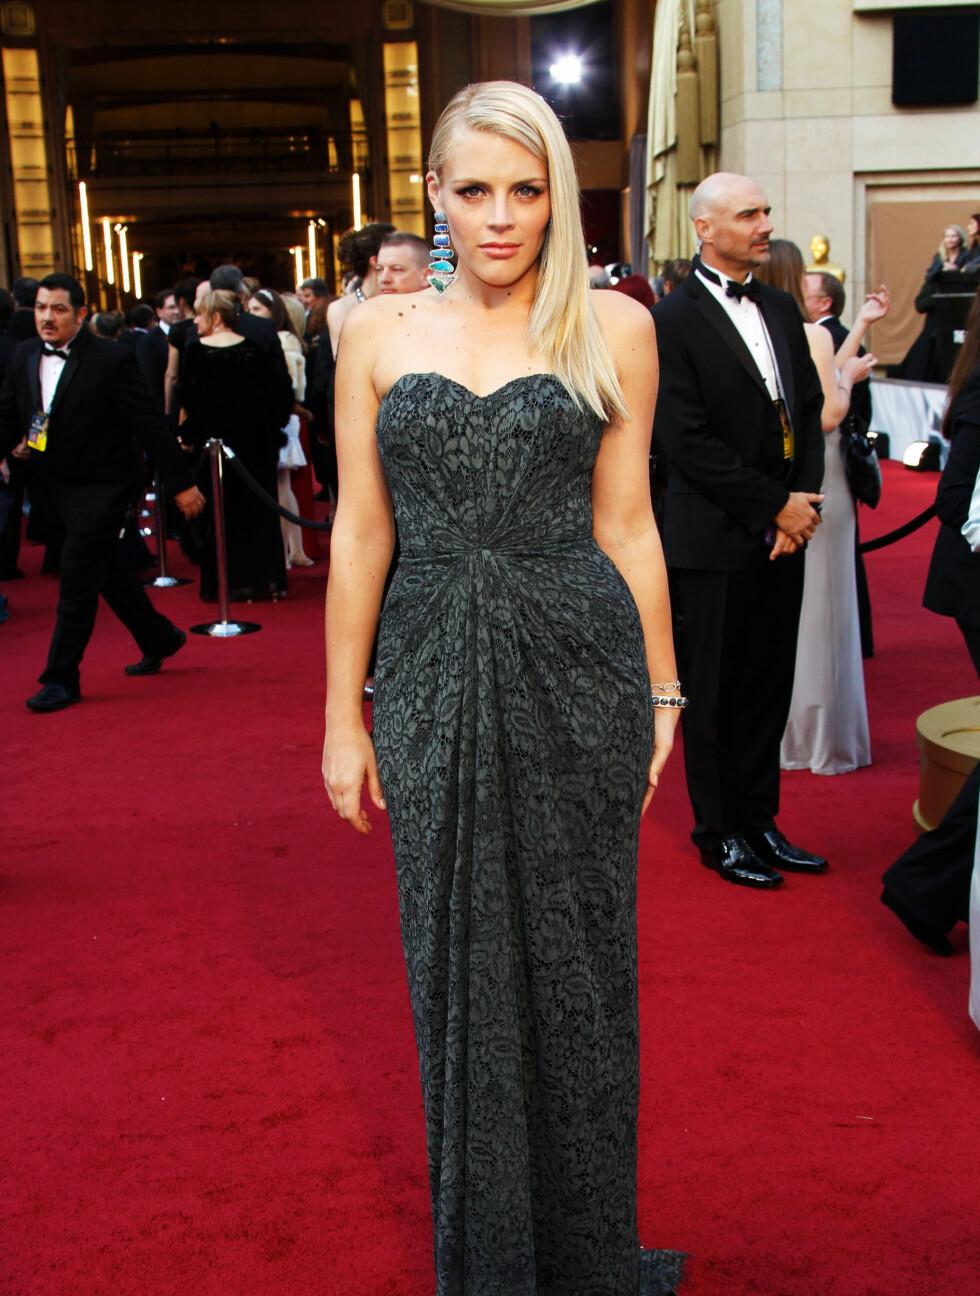 GRÅTT: Busy Phillips kom i en lang grå kjole.  Foto: All Over Press